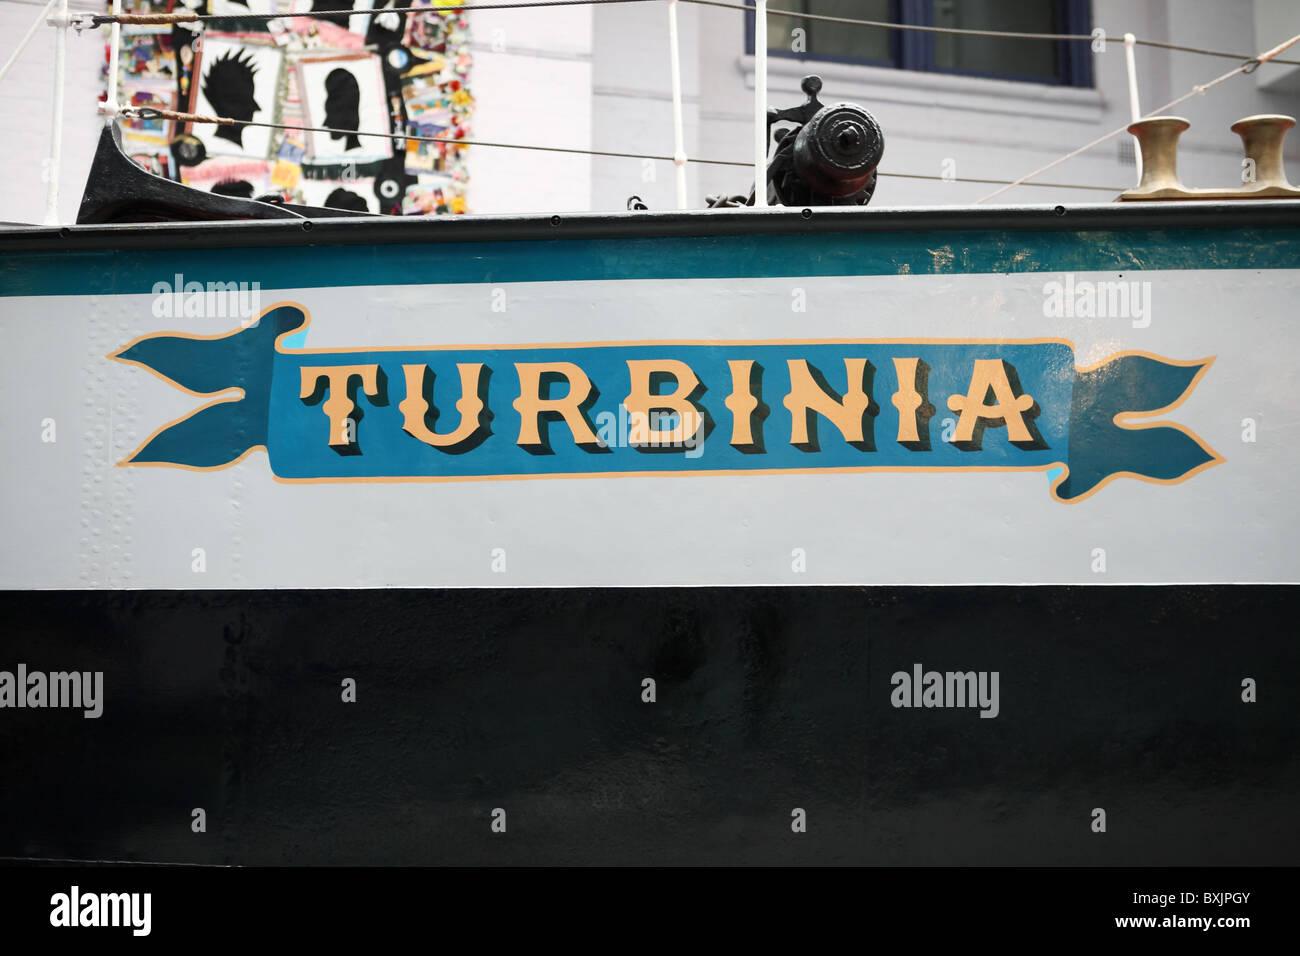 Le Turbinia, premier navire propulsé par turbine à vapeur, conçu par Charles Parsons, vu dans le Photo Stock